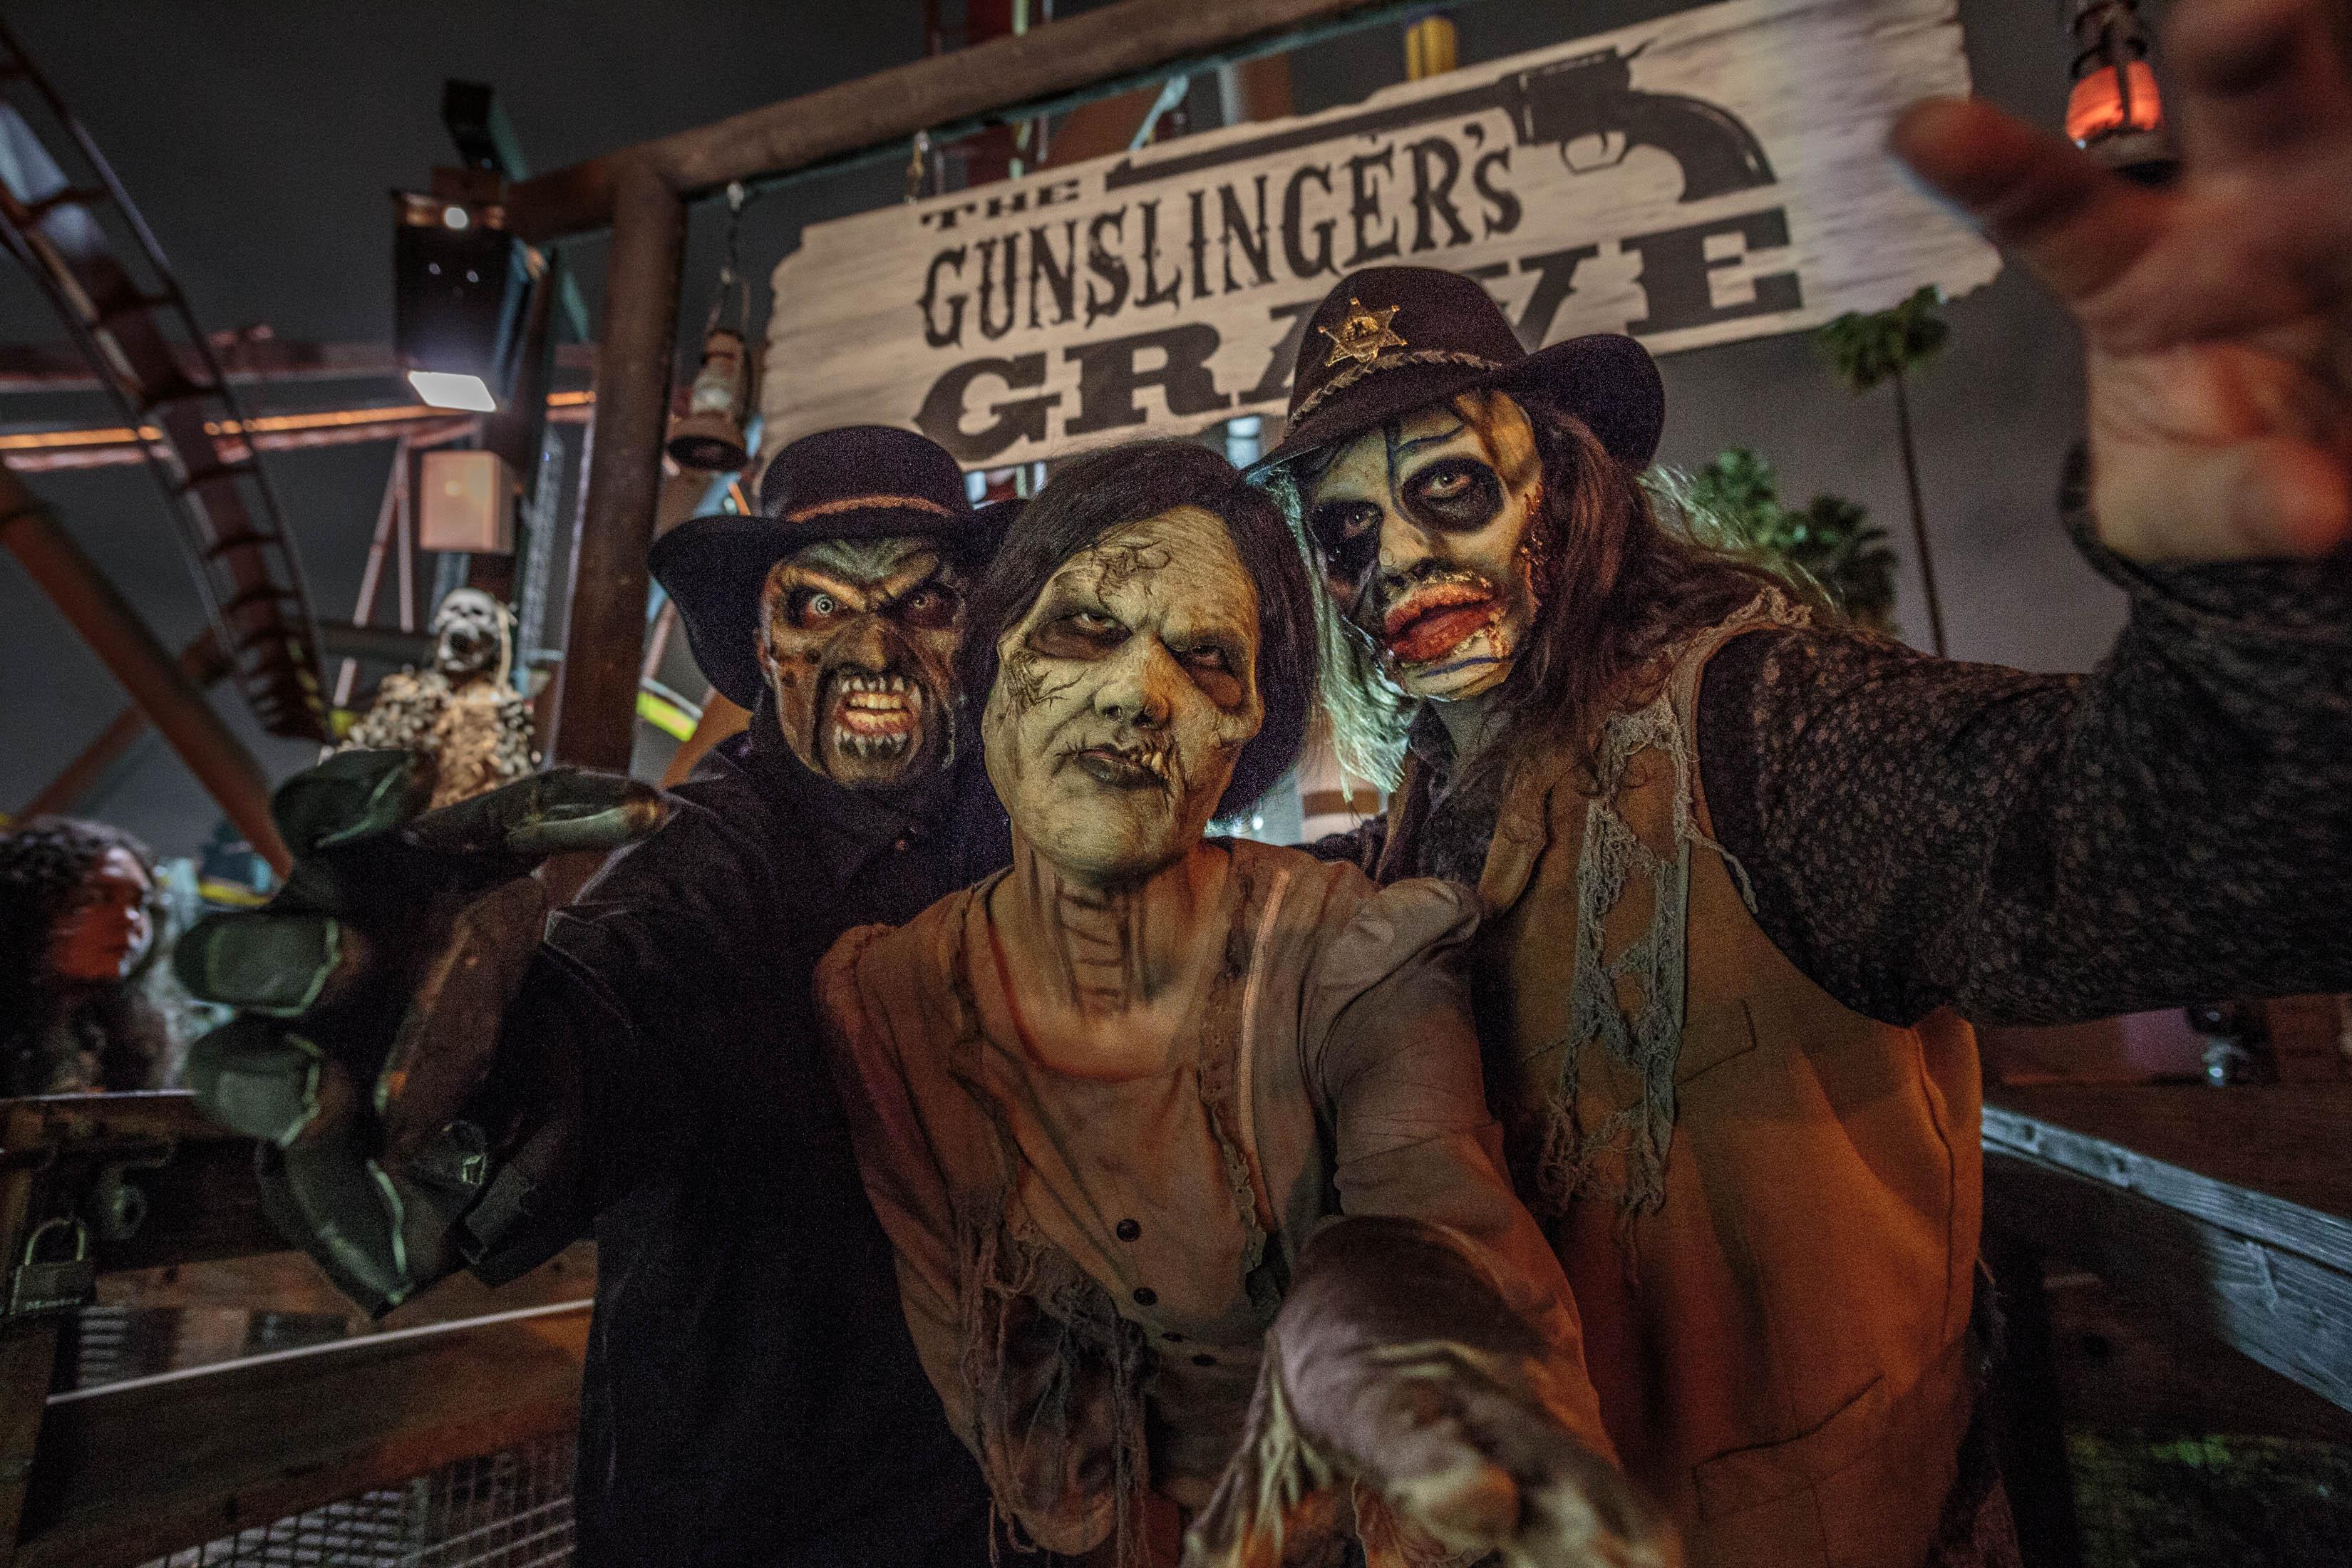 Knotts Scary Farm | Gunslinger's Grave